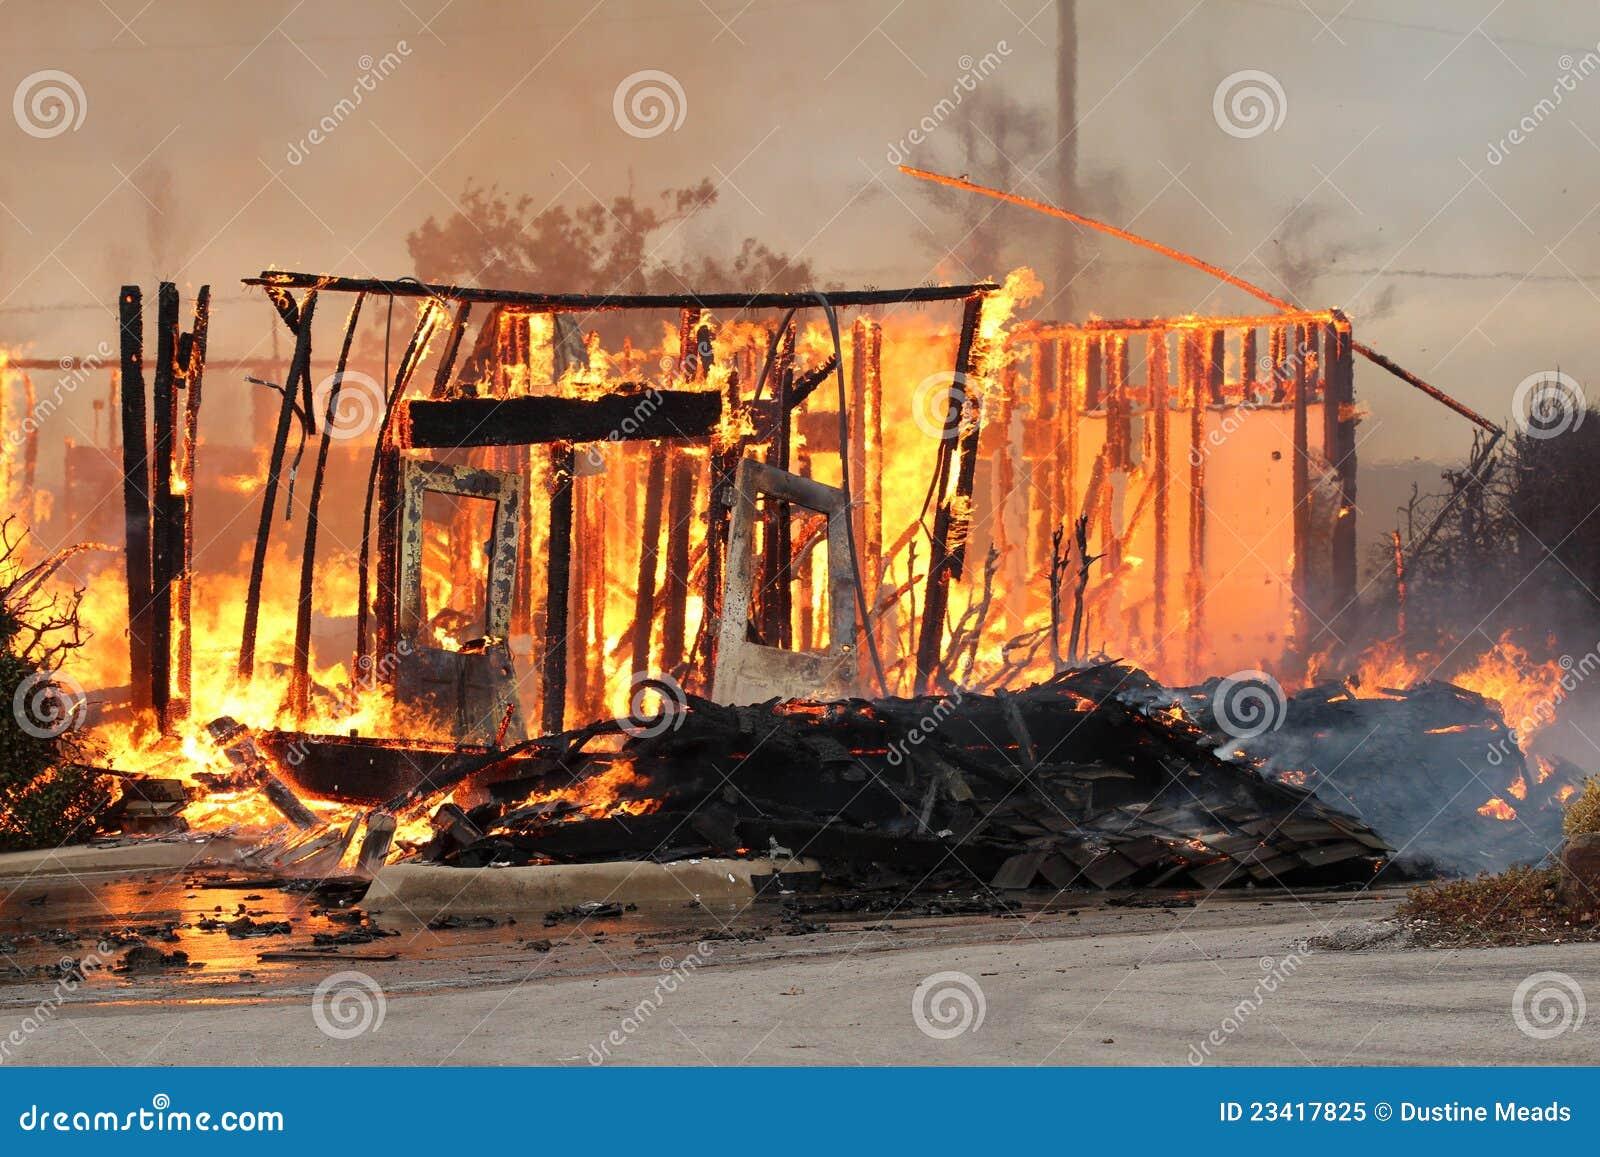 Det brännheta brandhuset återstår